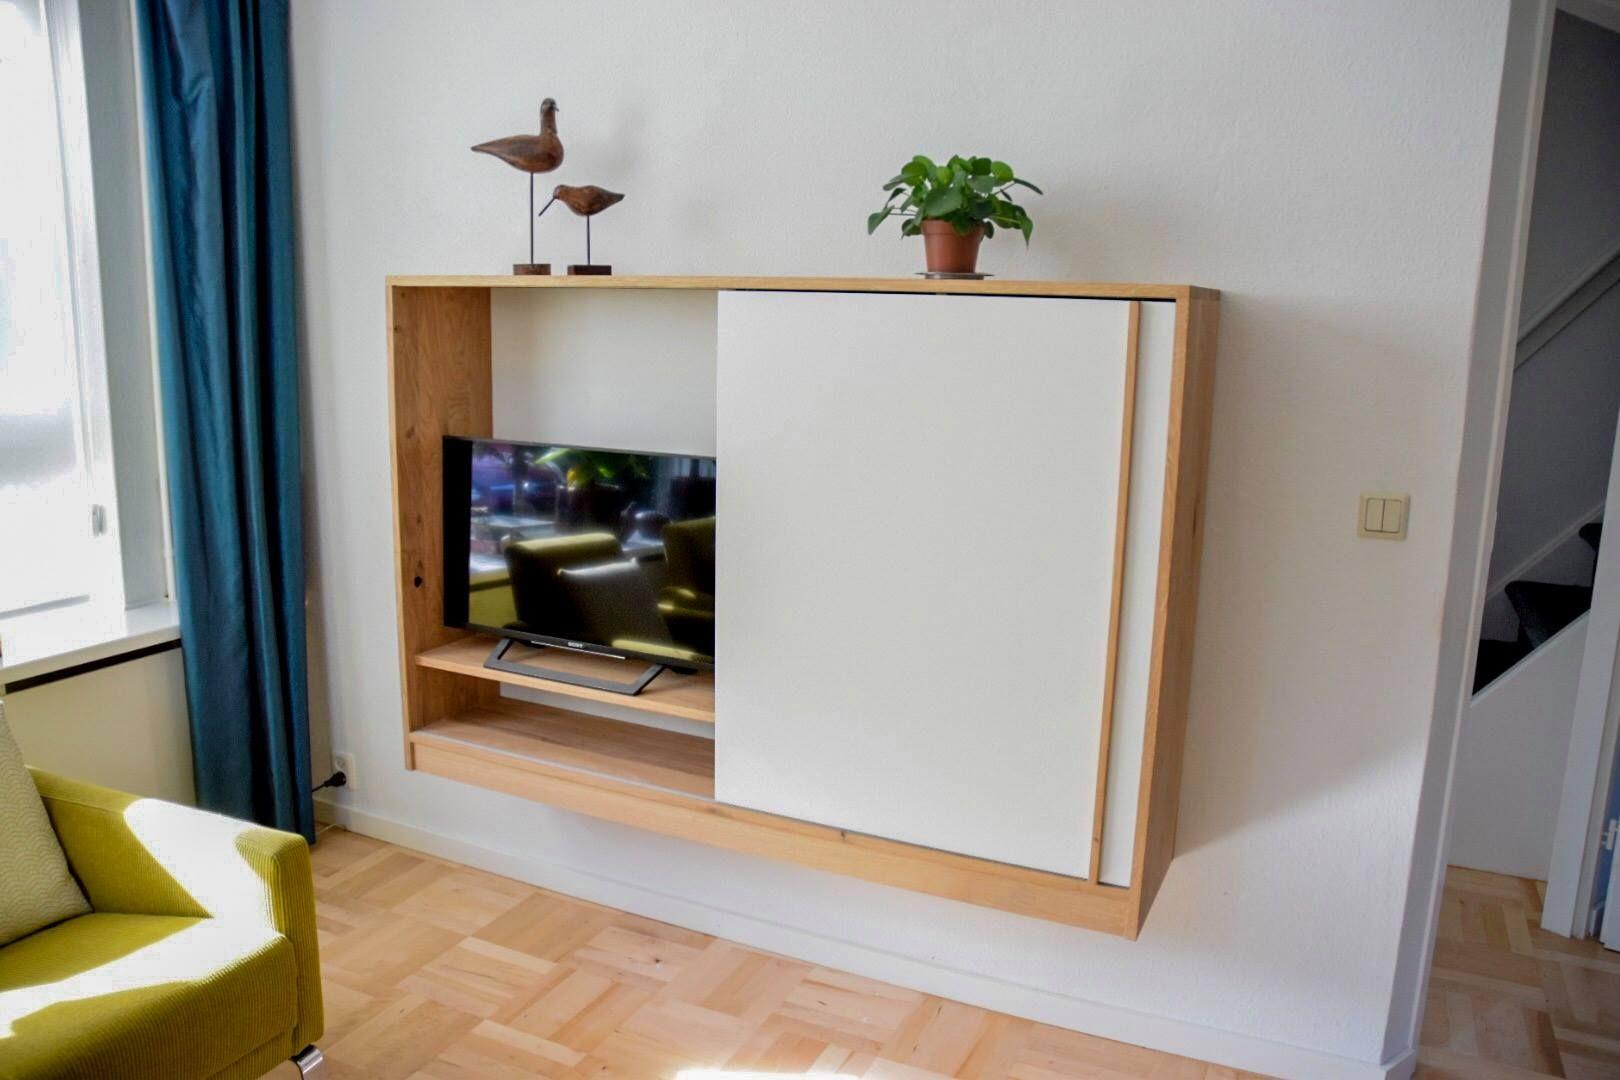 Kasten Woonkamer Interieur : Tv kast woonkamer woonkamerdesign designkast furniturestyling